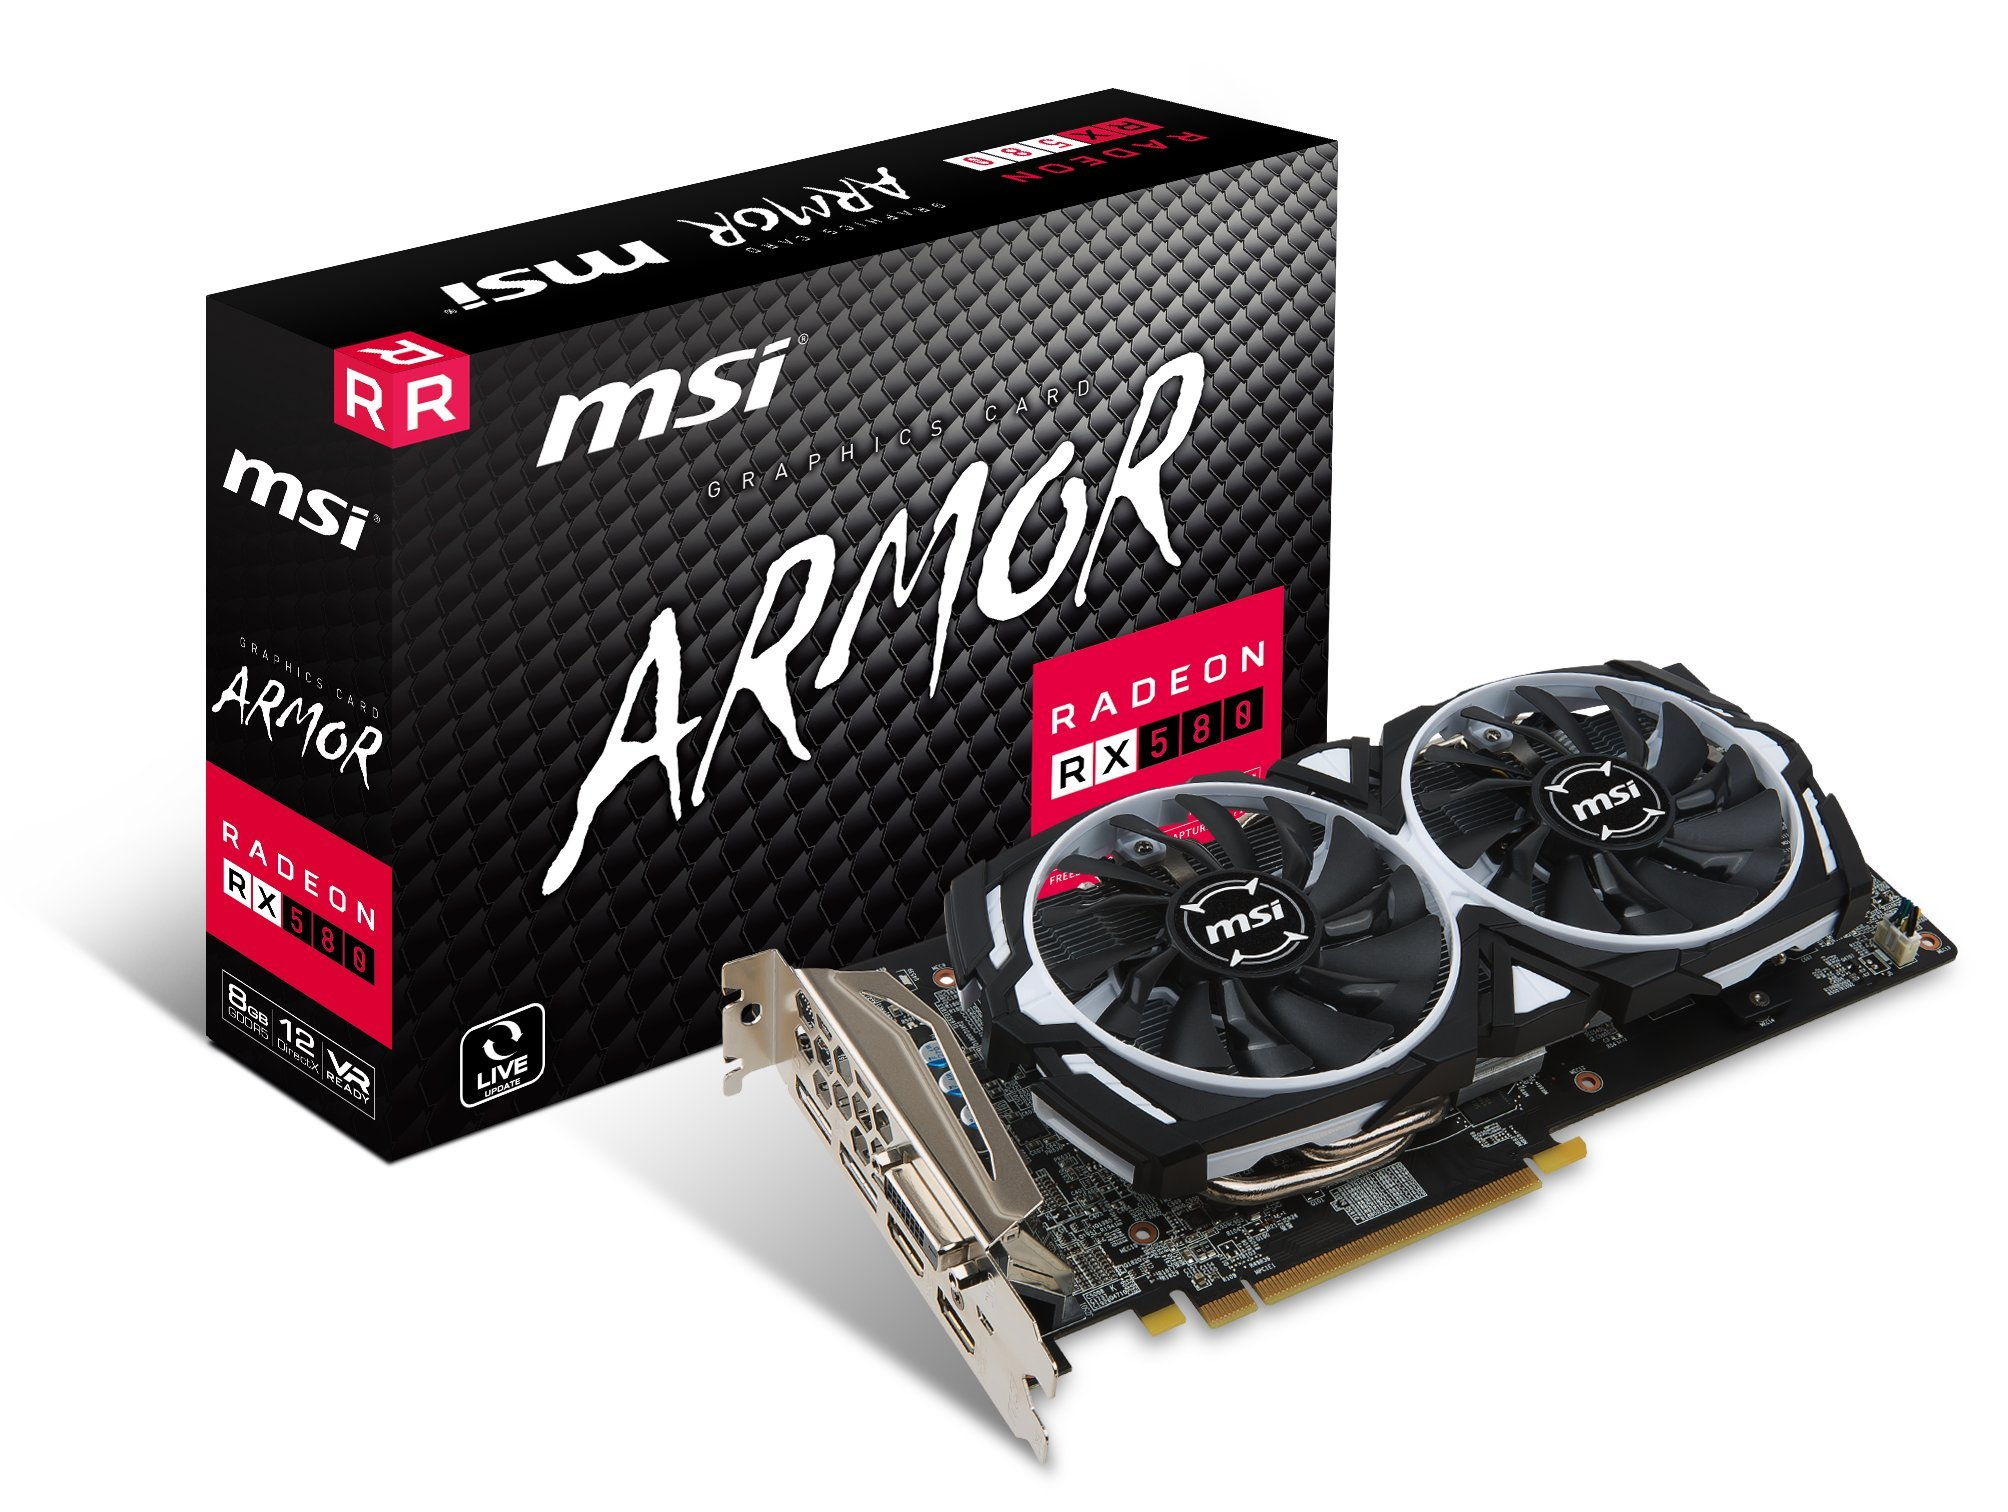 MSI RADEON RX 580 ARMOR 8G OC Graphics Card '8GB GDDR5, 1366Hz, AMD Polaris 20 XTX GPU, 2x DisplayPort, 2x HDMI, DVI-D, Dual Fan Cooling System'